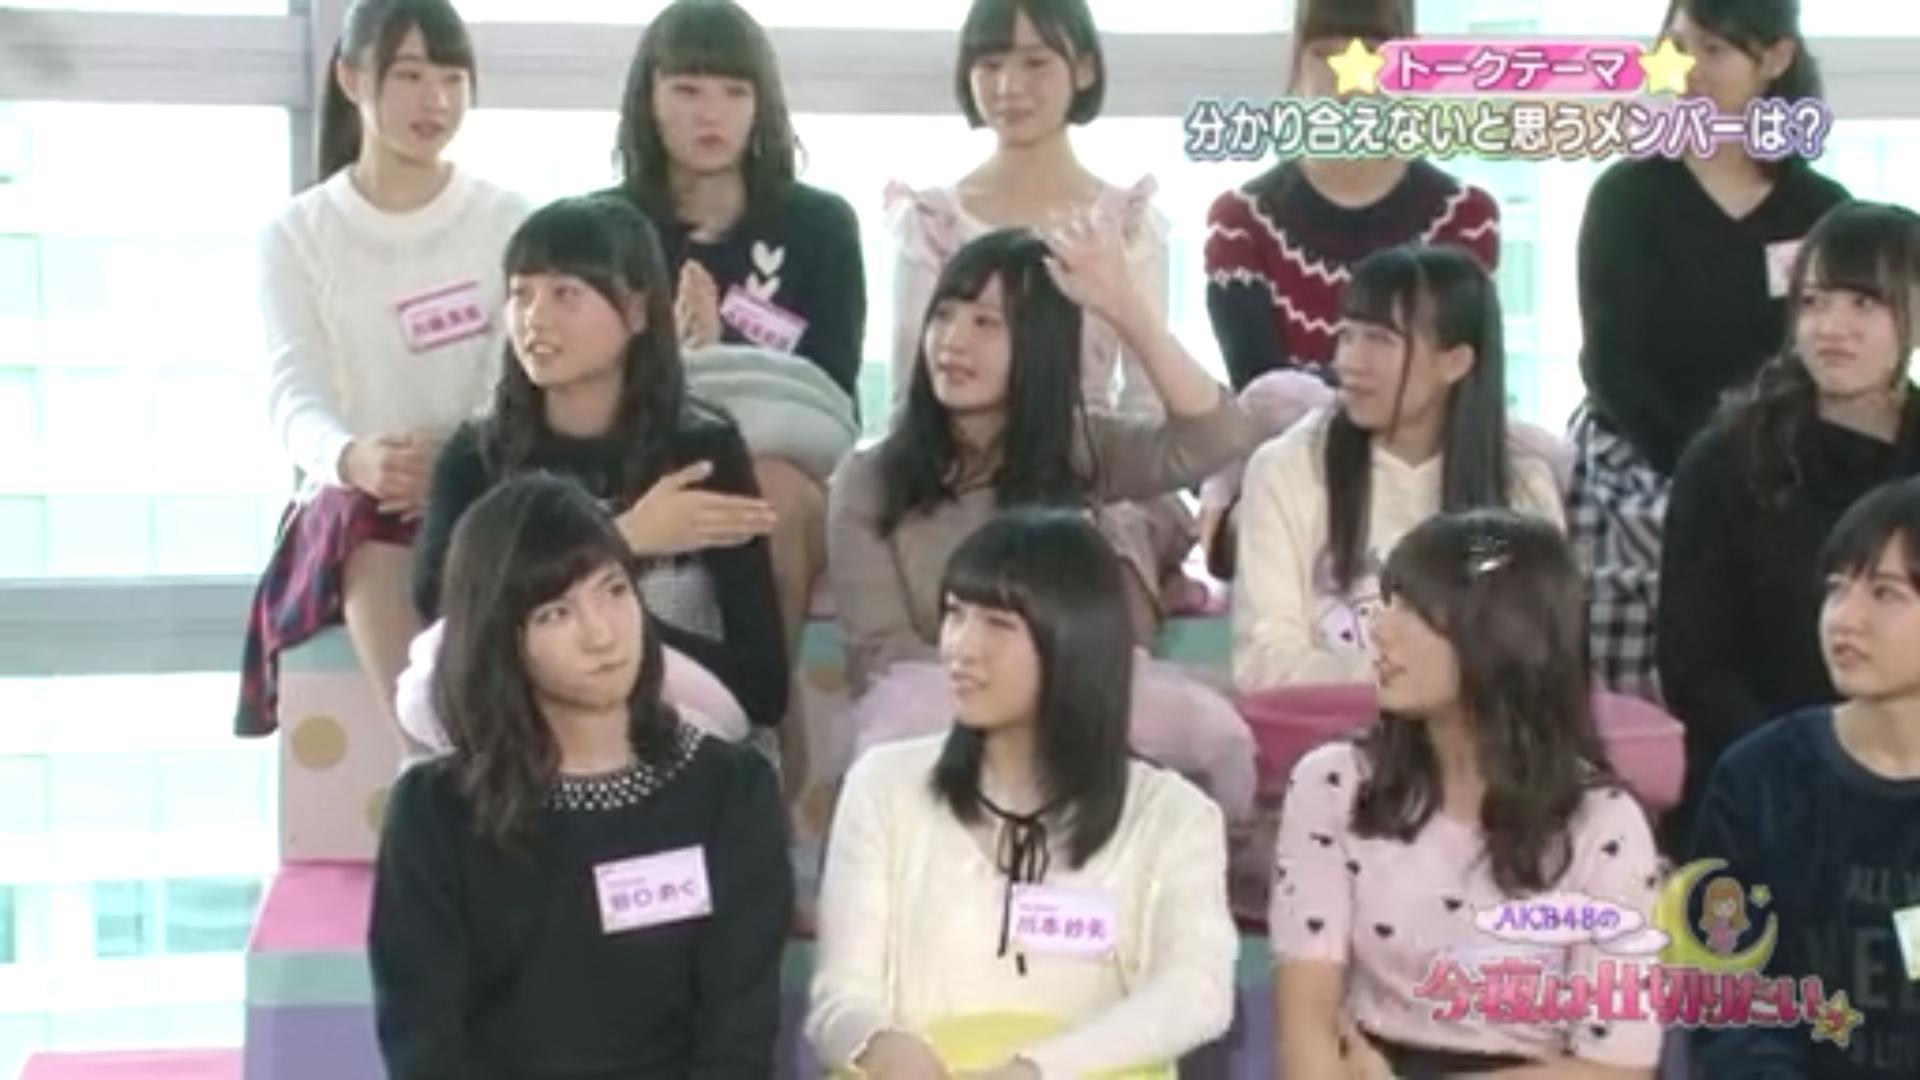 佐藤妃星、谷口めぐ、などAKB48の15期メンバー